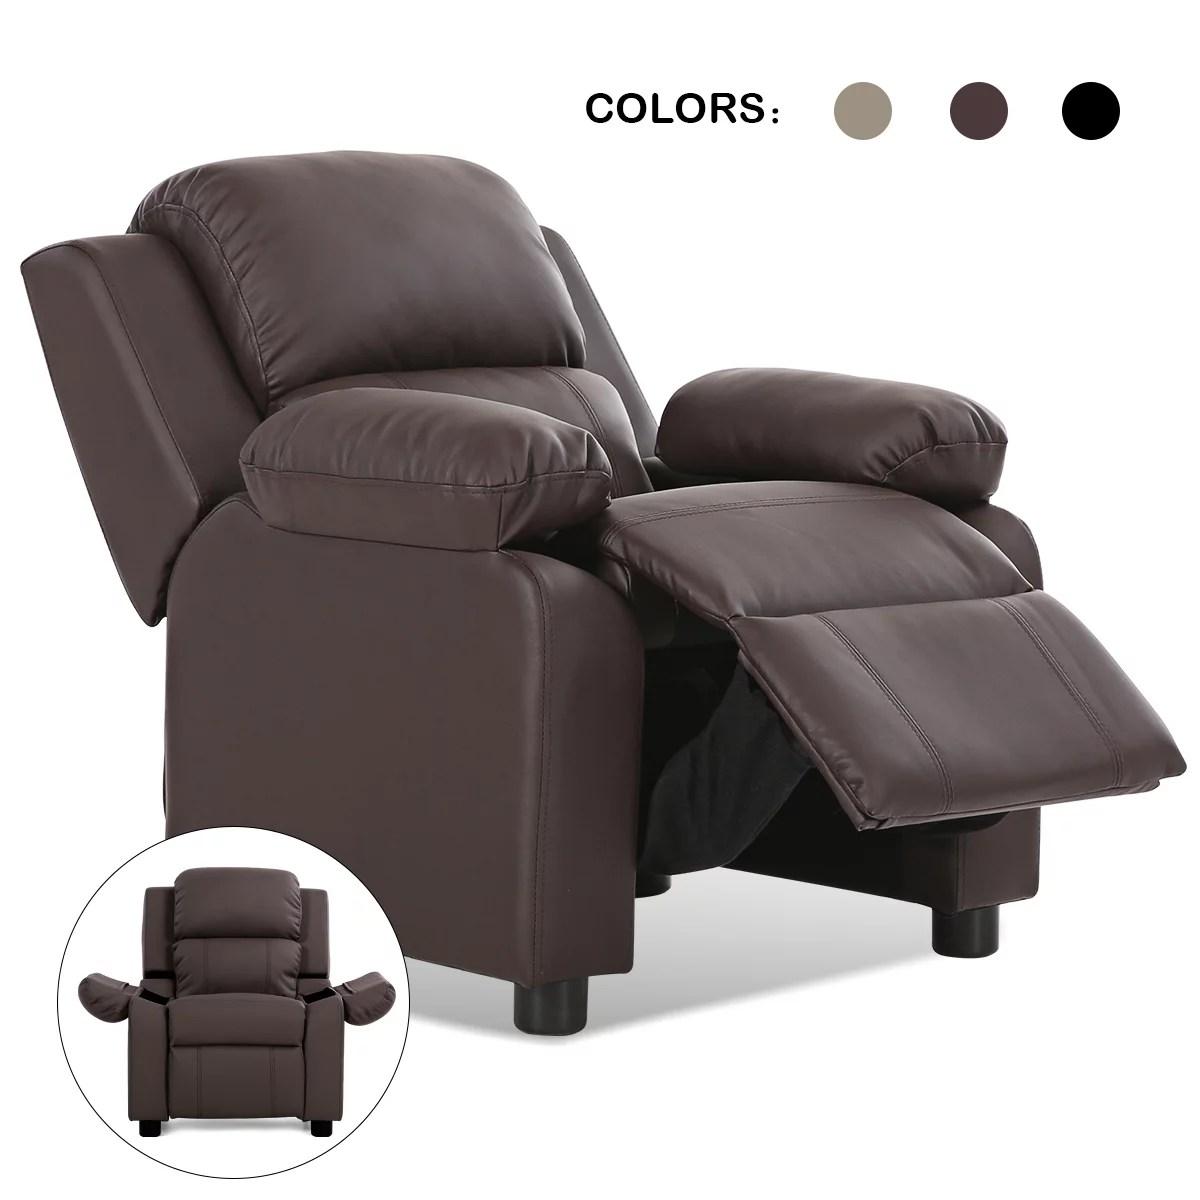 deluxe padded kids sofa armchair recliner headrest children w storage arm brown